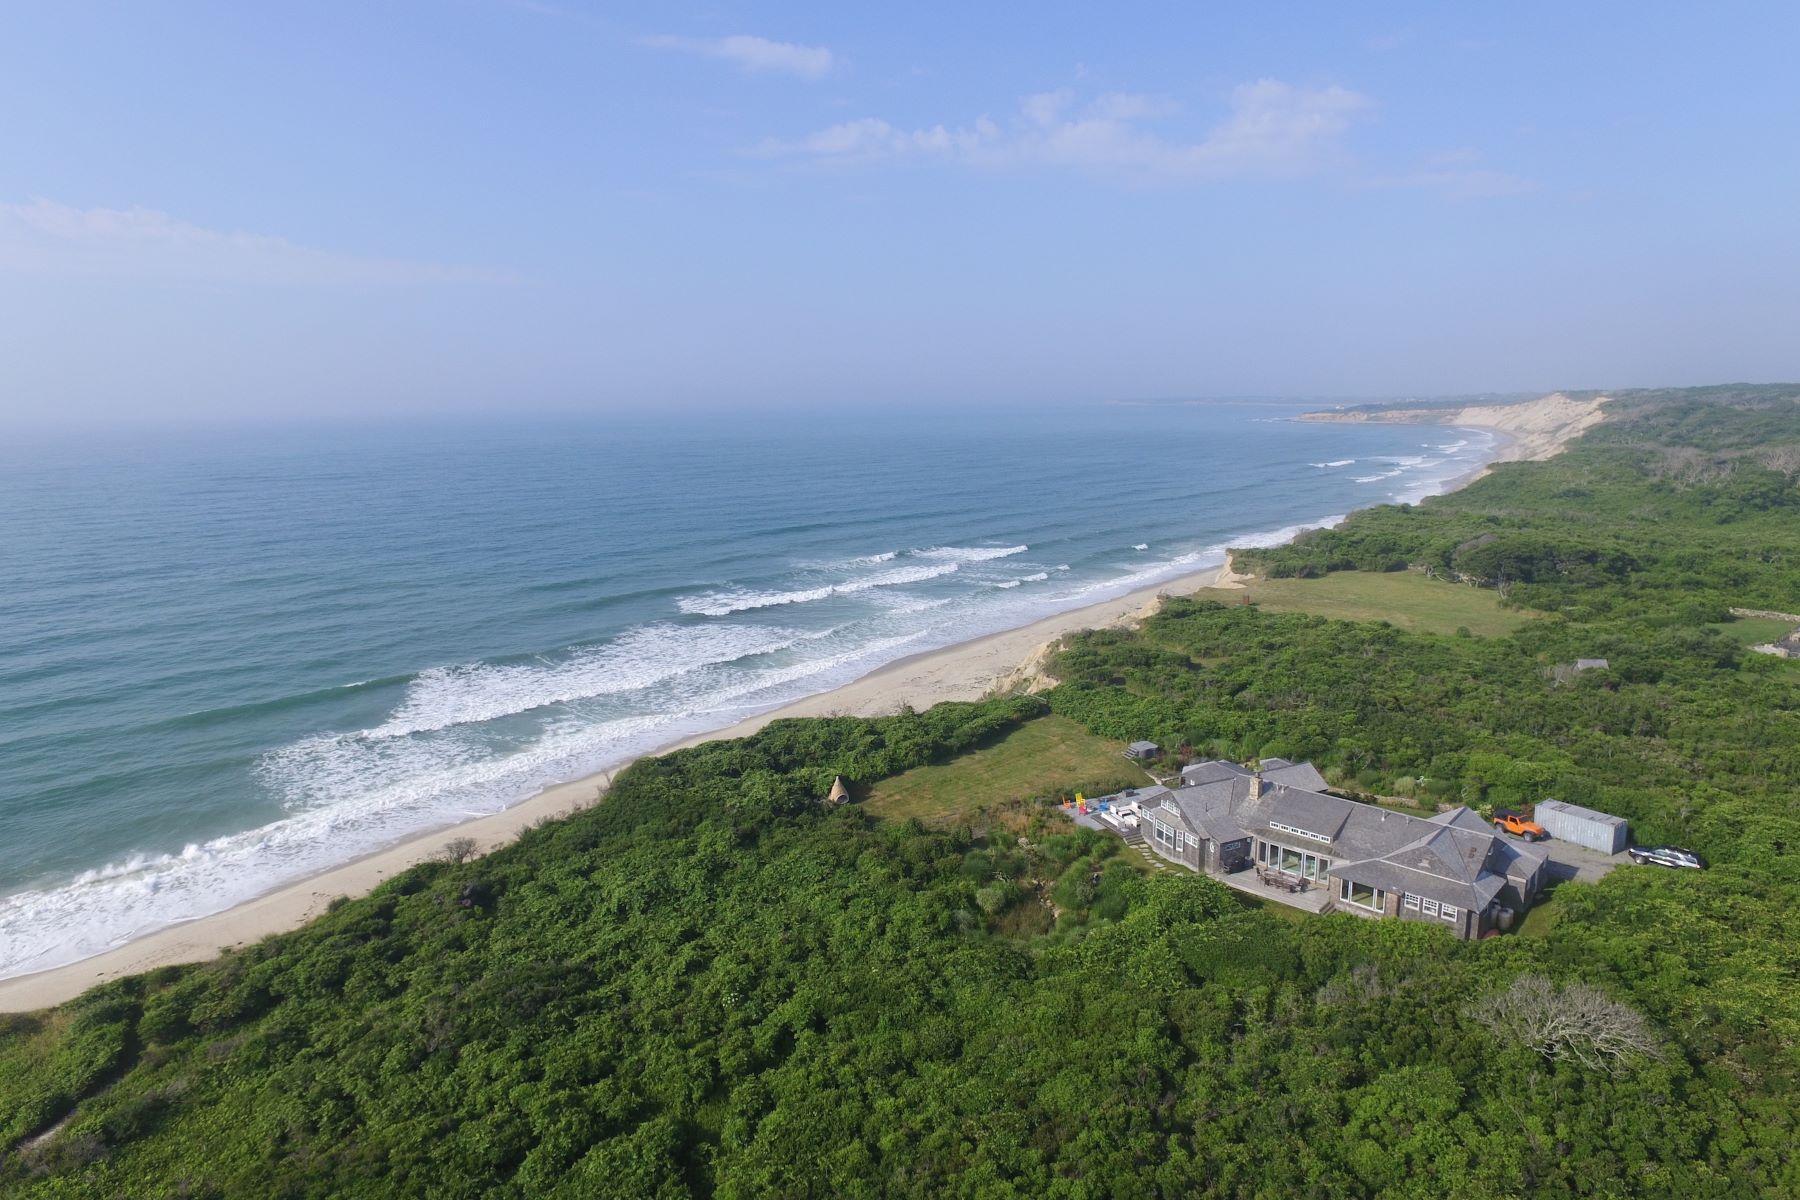 Single Family Home for Sale at Oceanfront in Chilmark 11 Azalea Ln Chilmark, Massachusetts 02535 United States